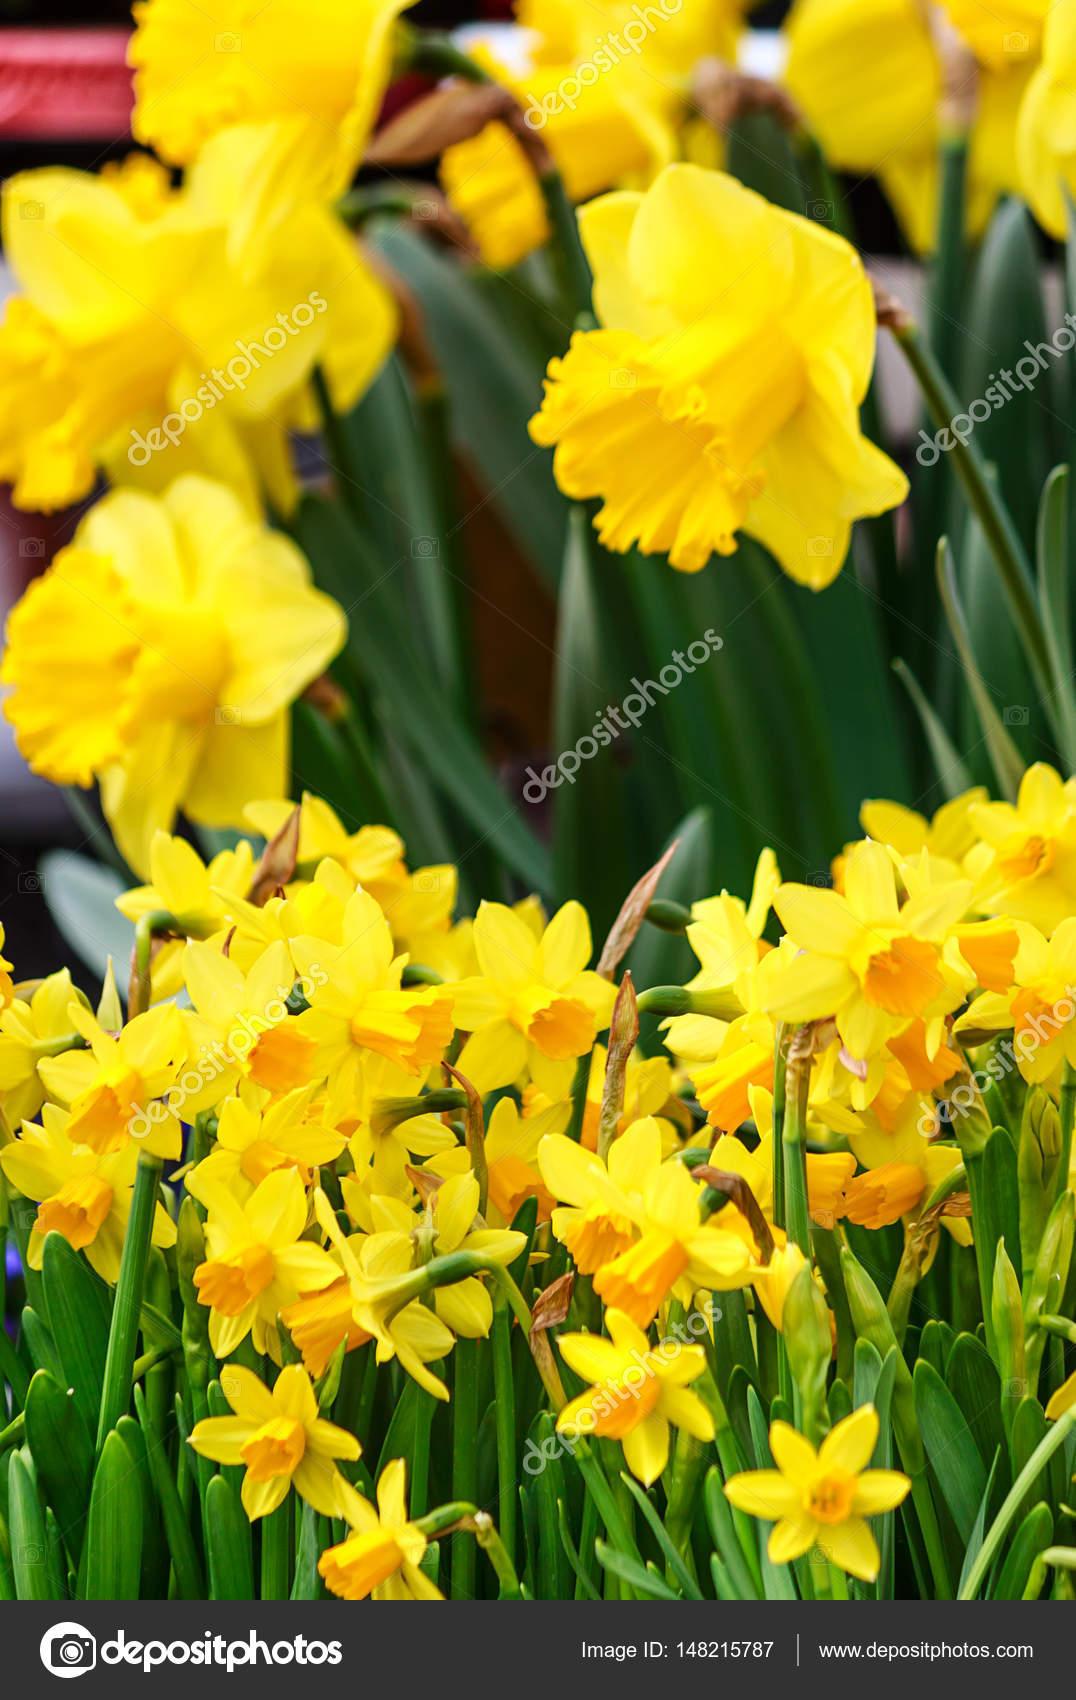 Flores De Primavera Narcisos Amarillos Fotos De Stock C Moskwa - Narcisos-amarillos